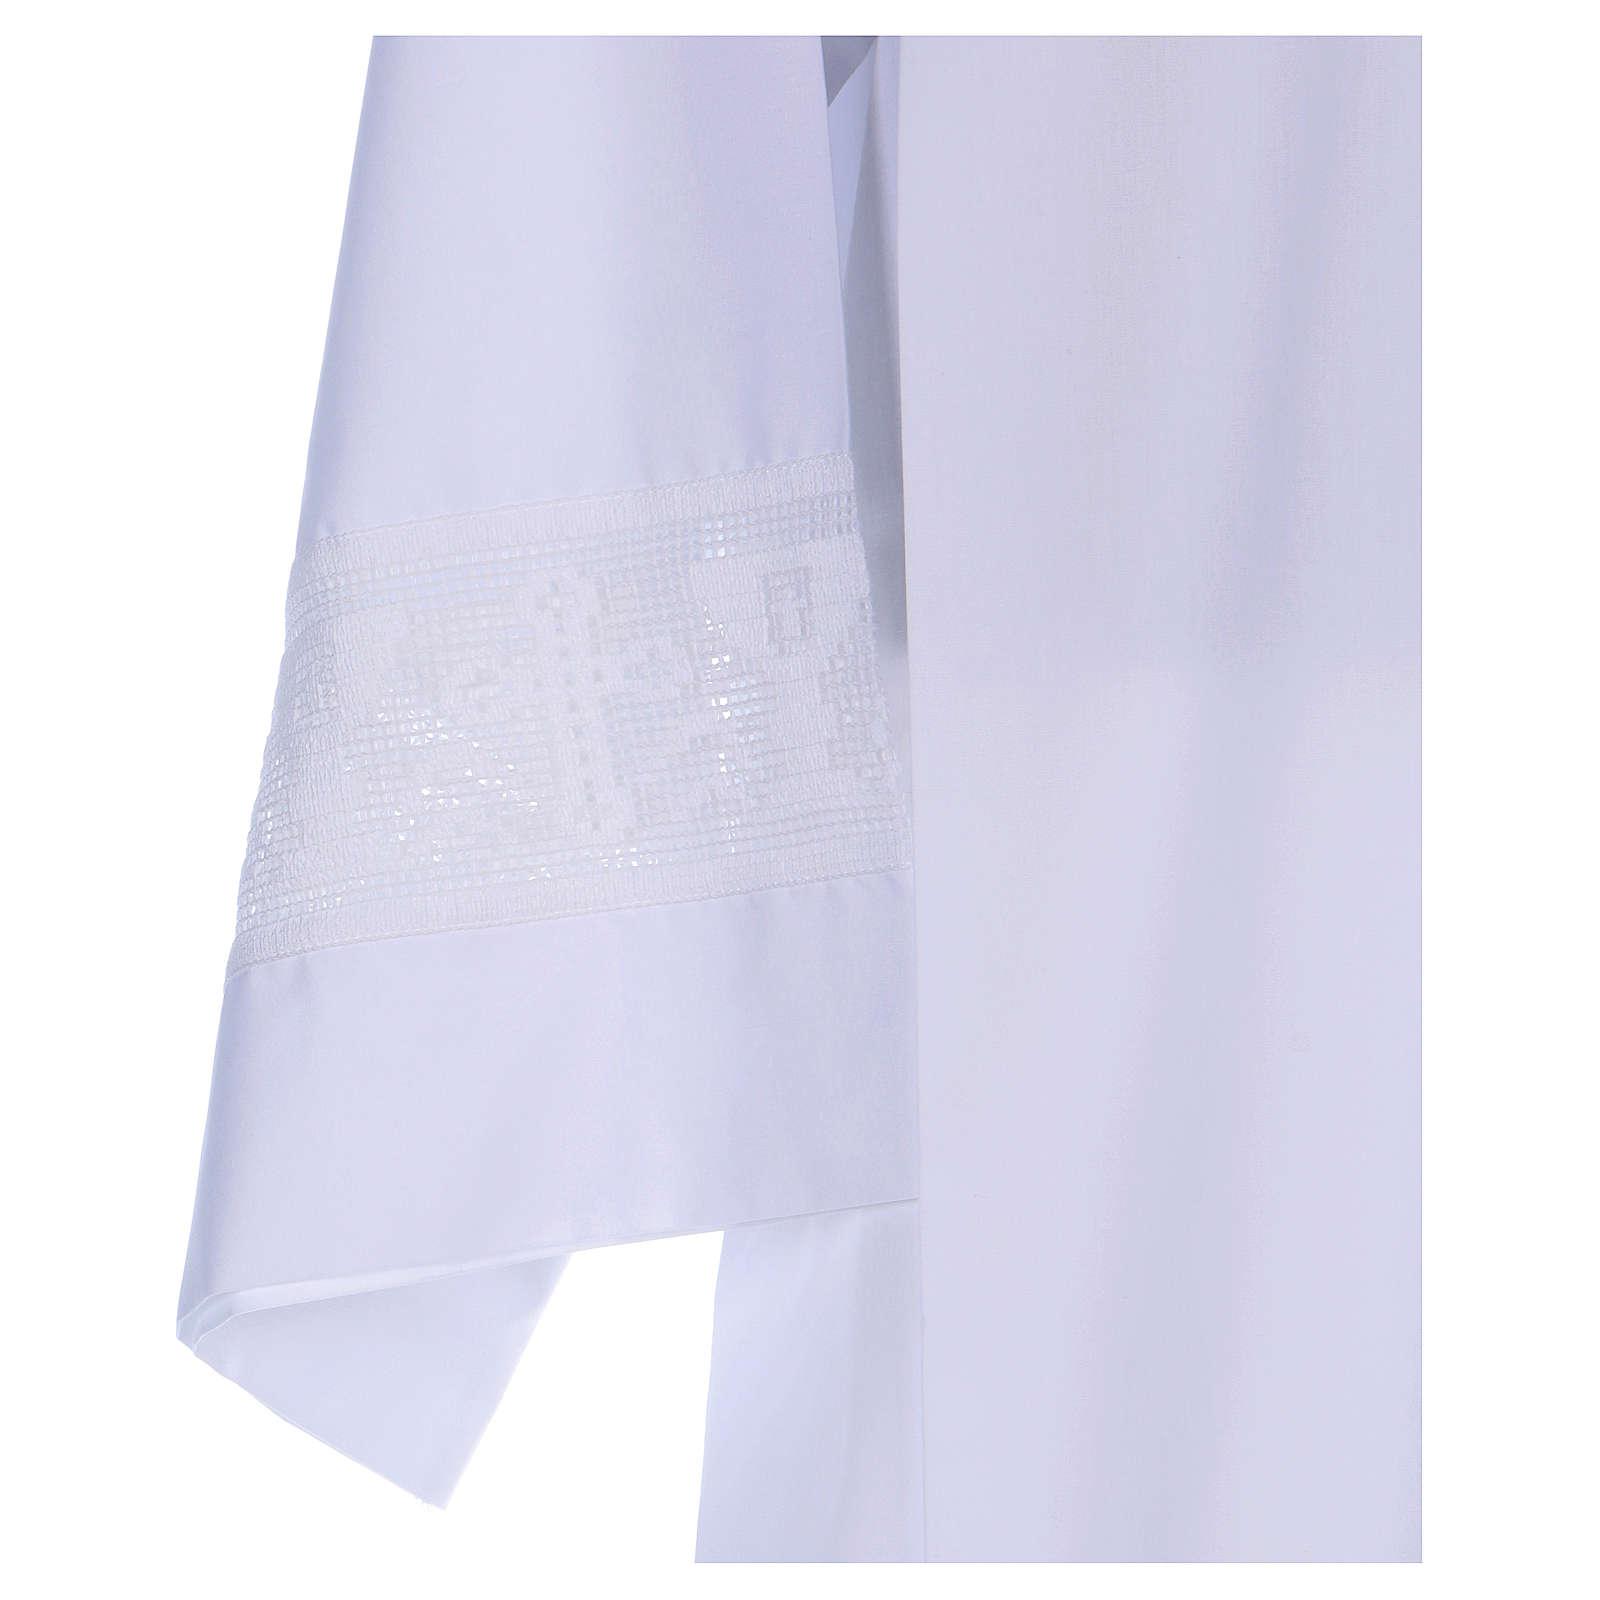 Camice misto cotone merletto croce calice 4